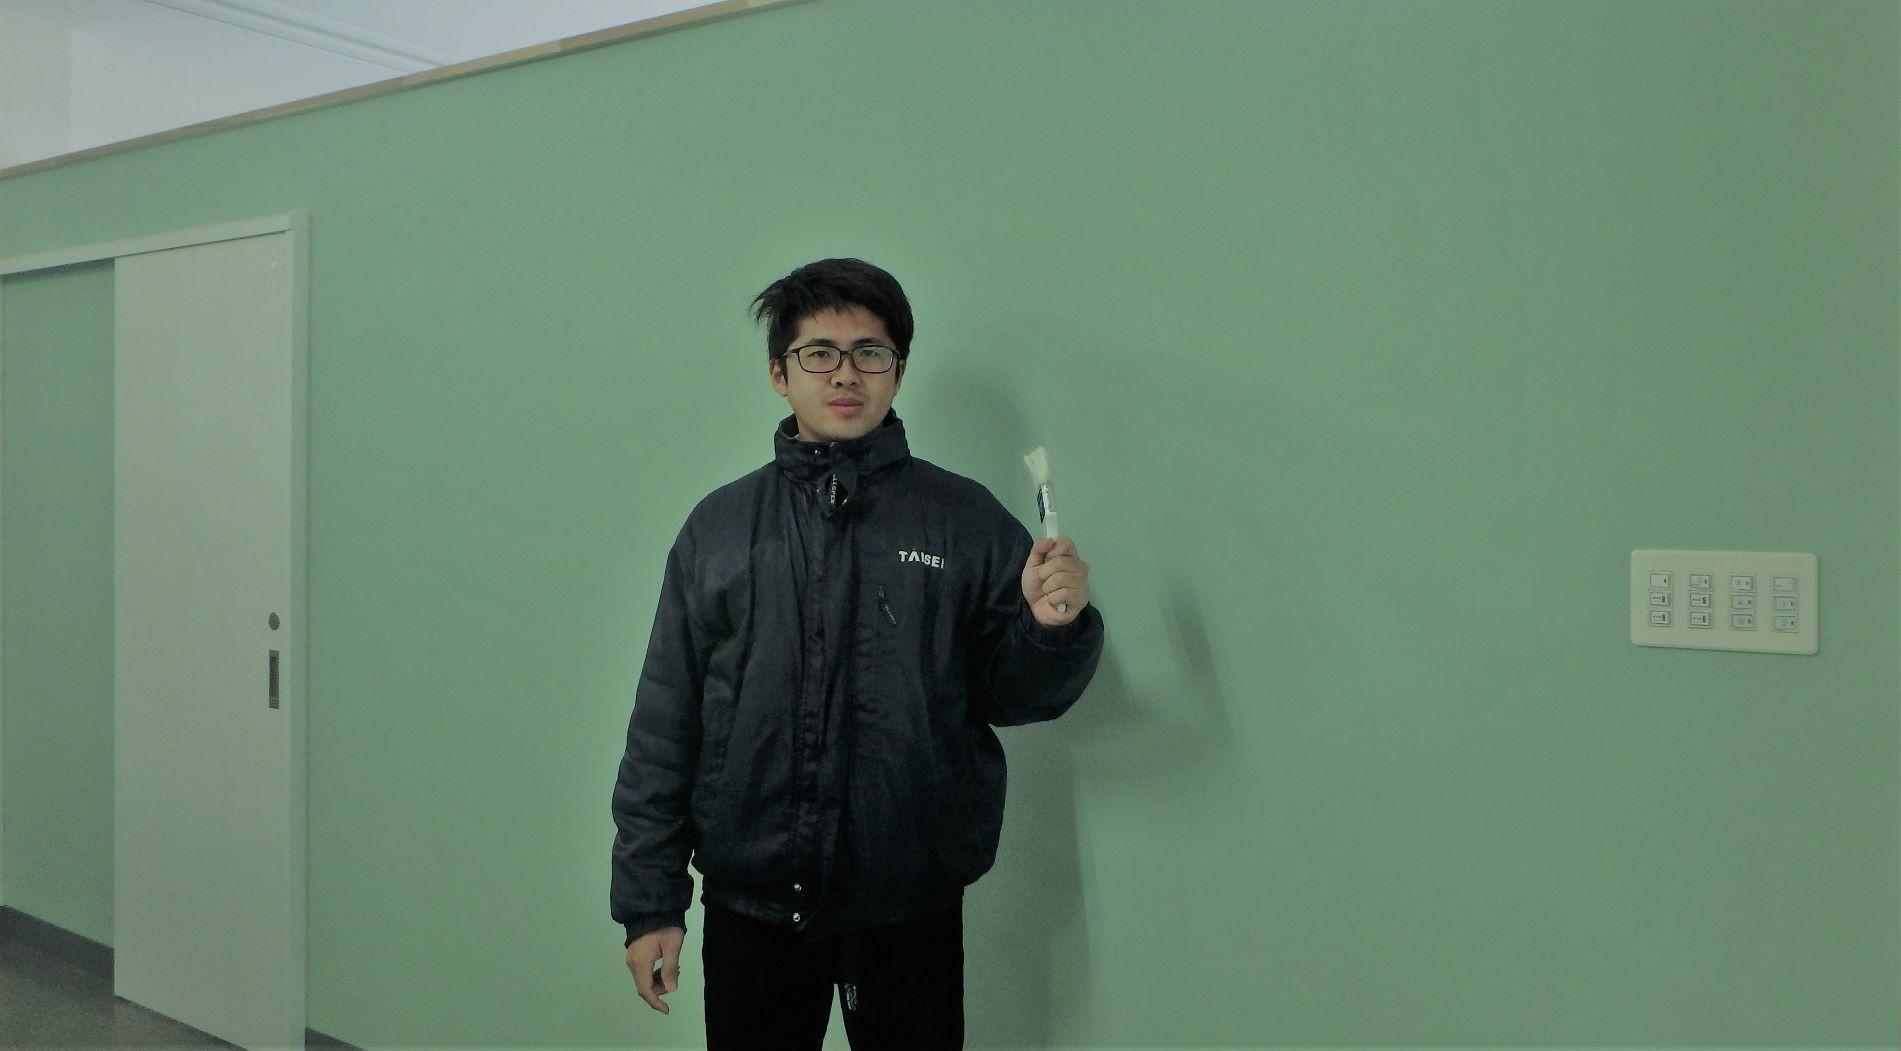 壁の色を変えました(^0^)